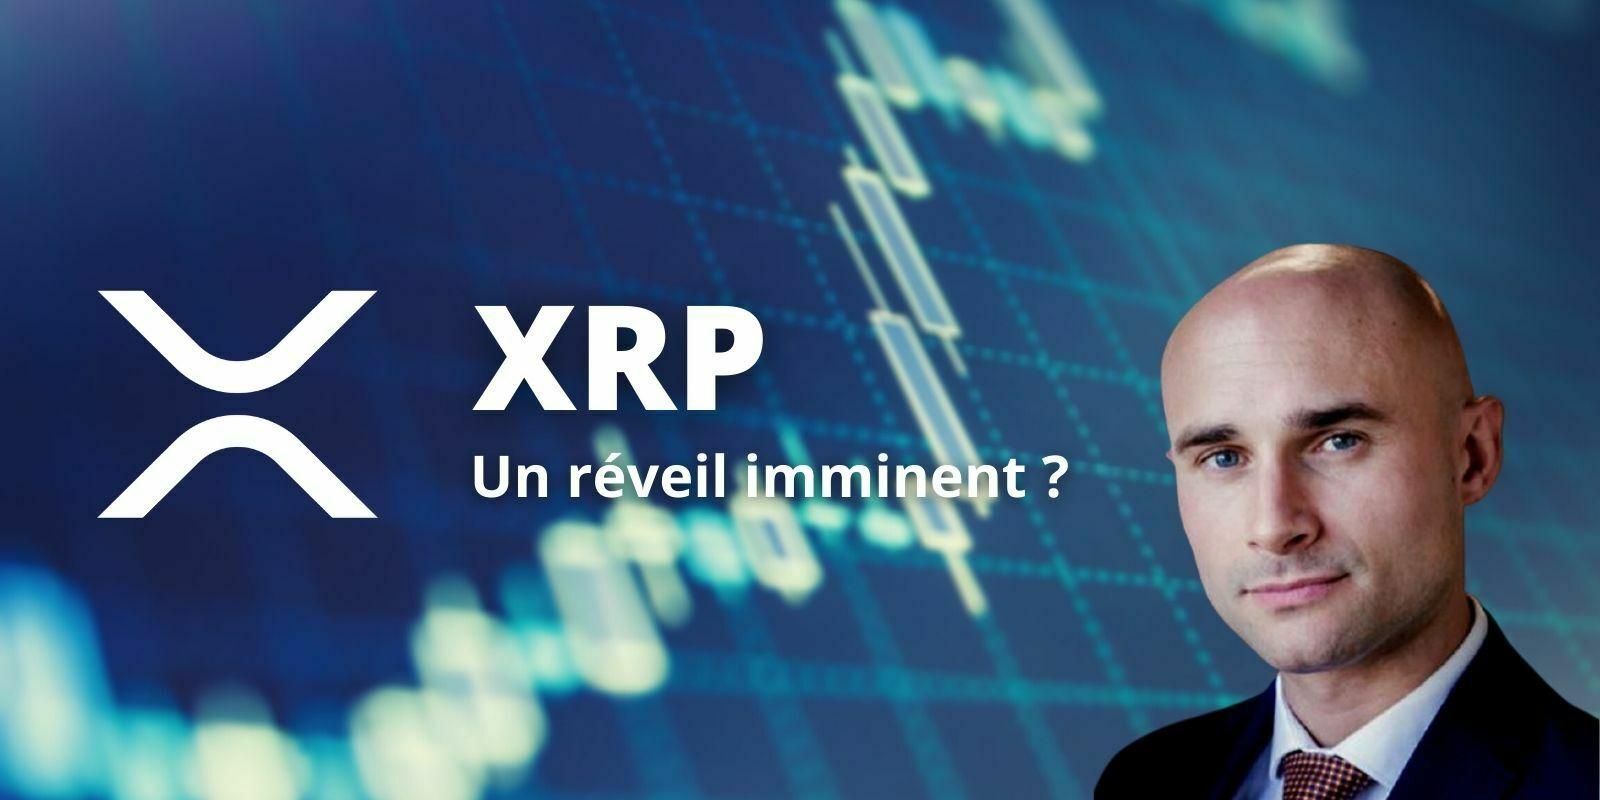 Le réveil du coin XRP de Ripple enfin proche ?